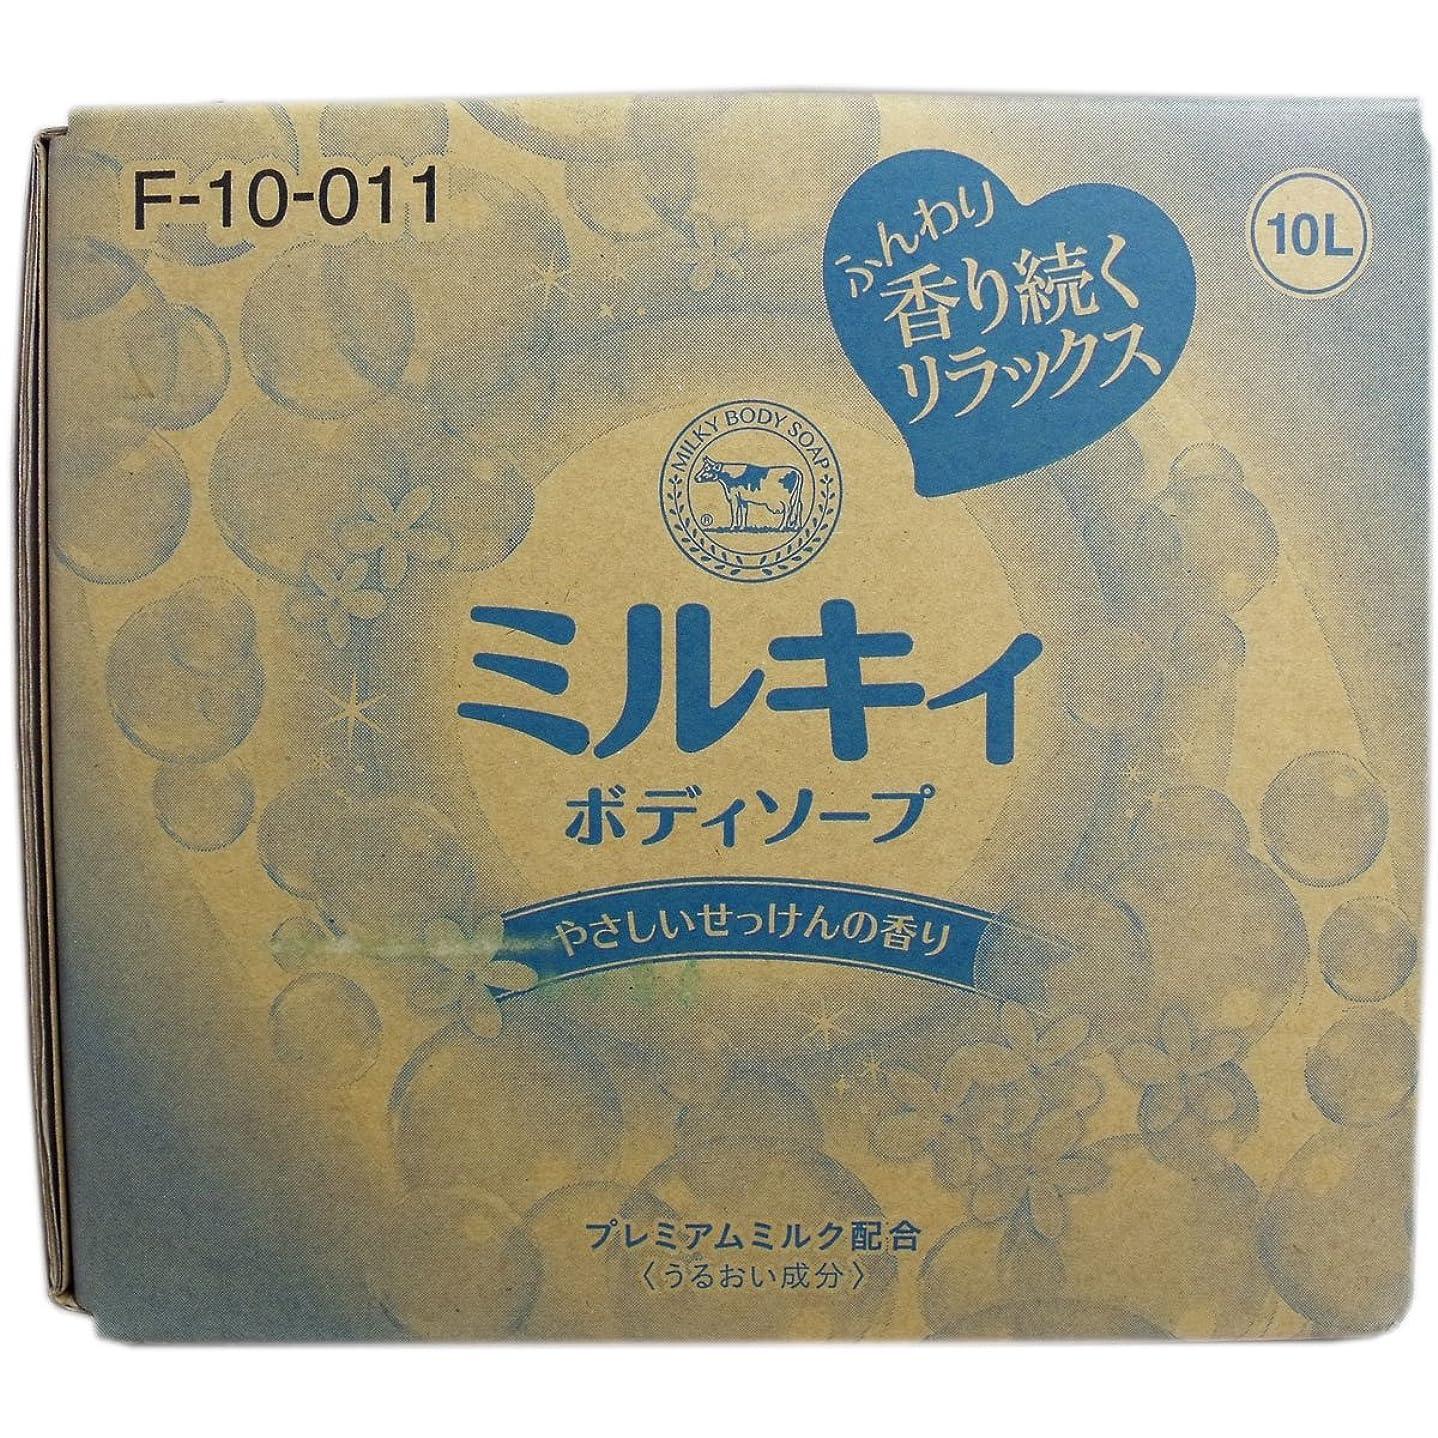 寛解タフ持つミルキィボディソープ 業務用 やさしいせっけんの香り 10L